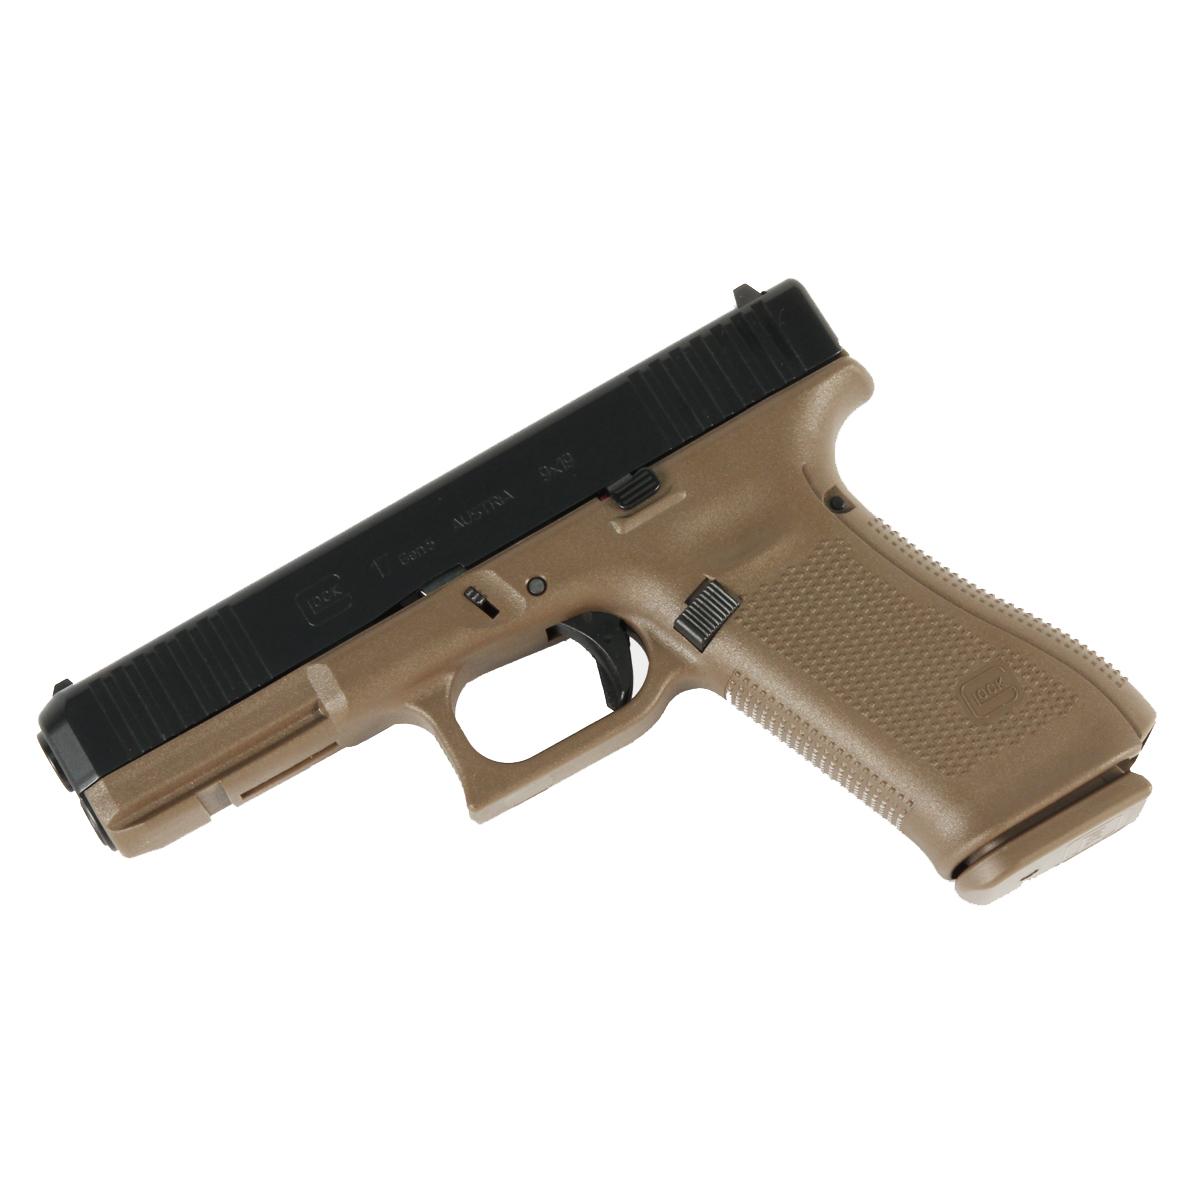 Glock 17 GEN 5 9mm - Flat Dark Earth - Front Serrations